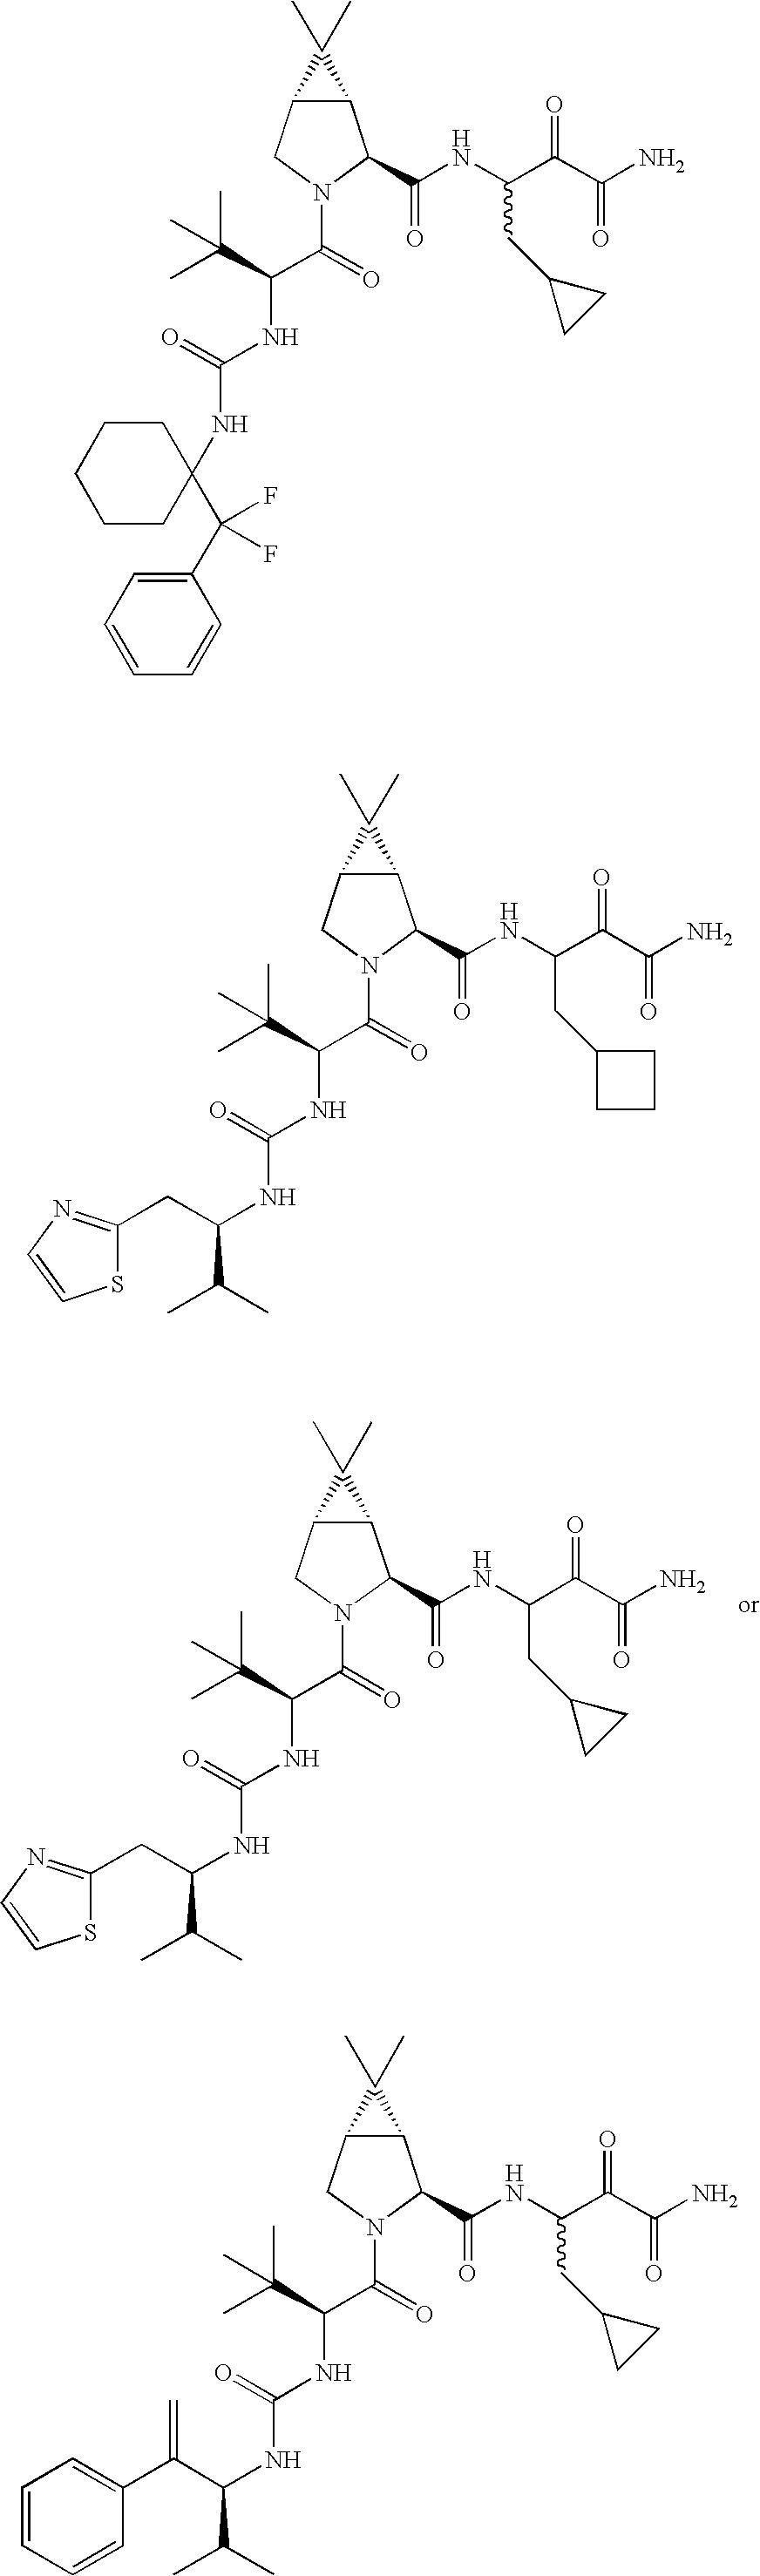 Figure US20060287248A1-20061221-C00340